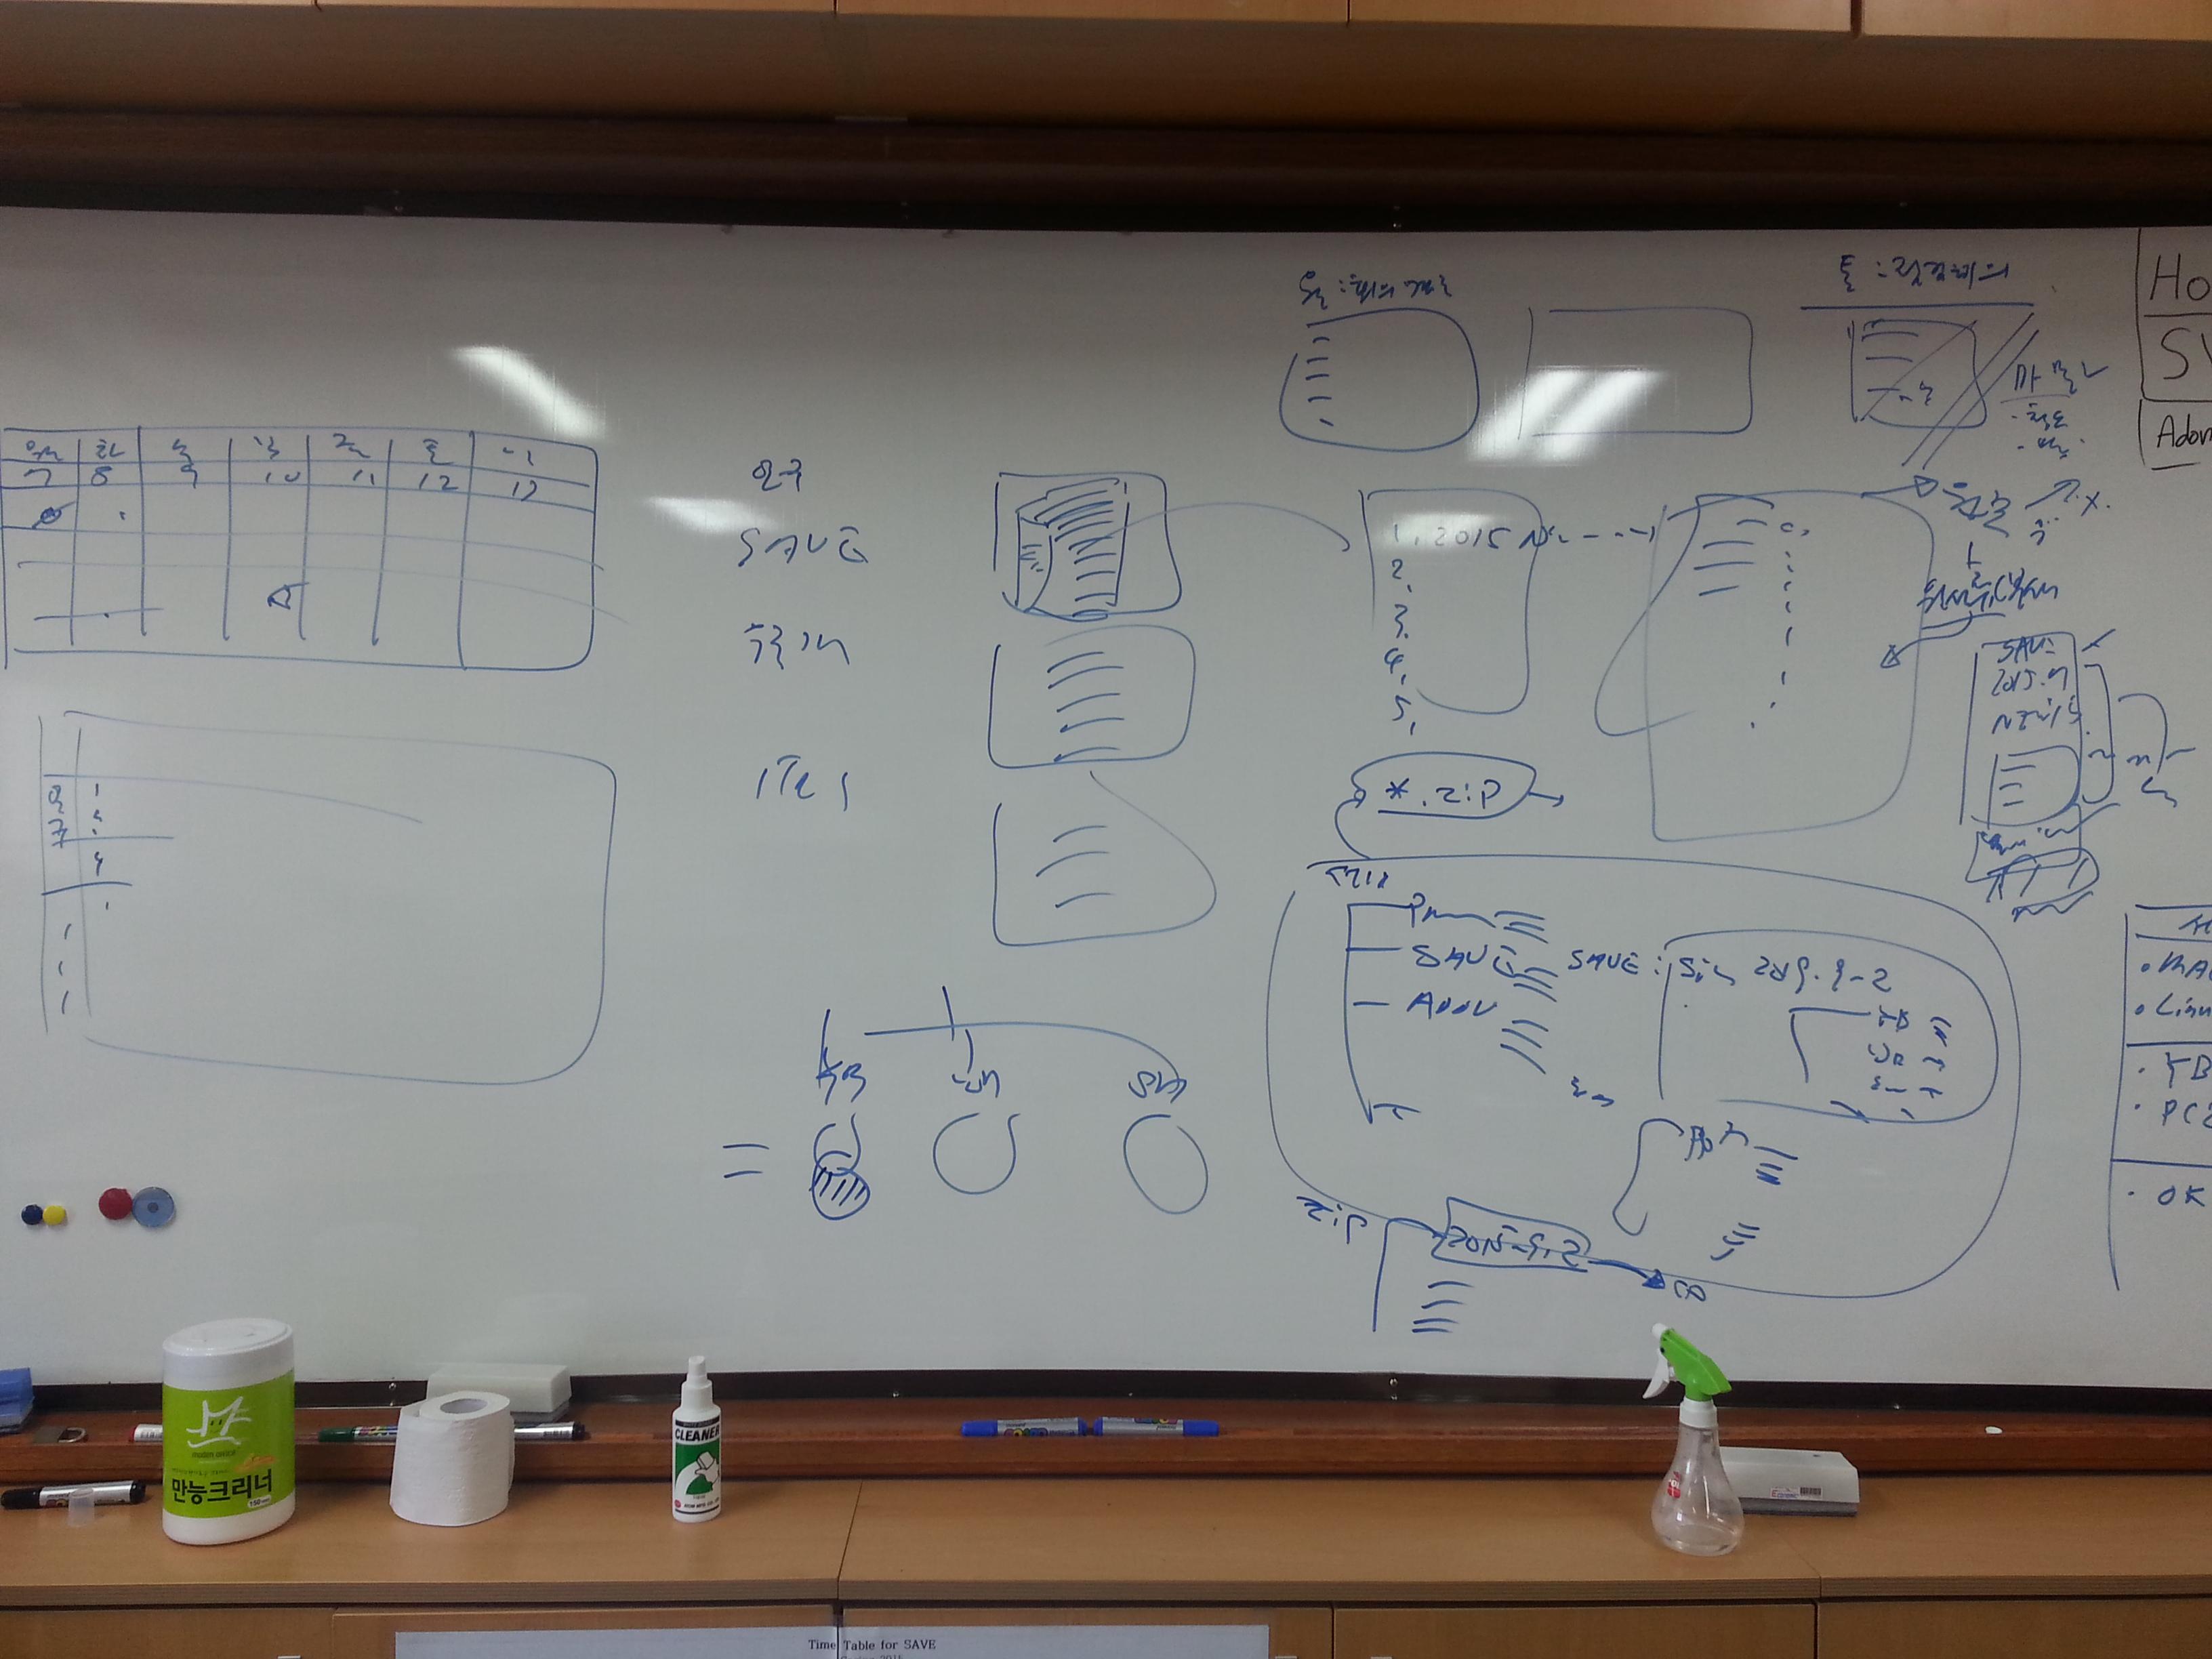 4-목-2015-09-10-board.jpg